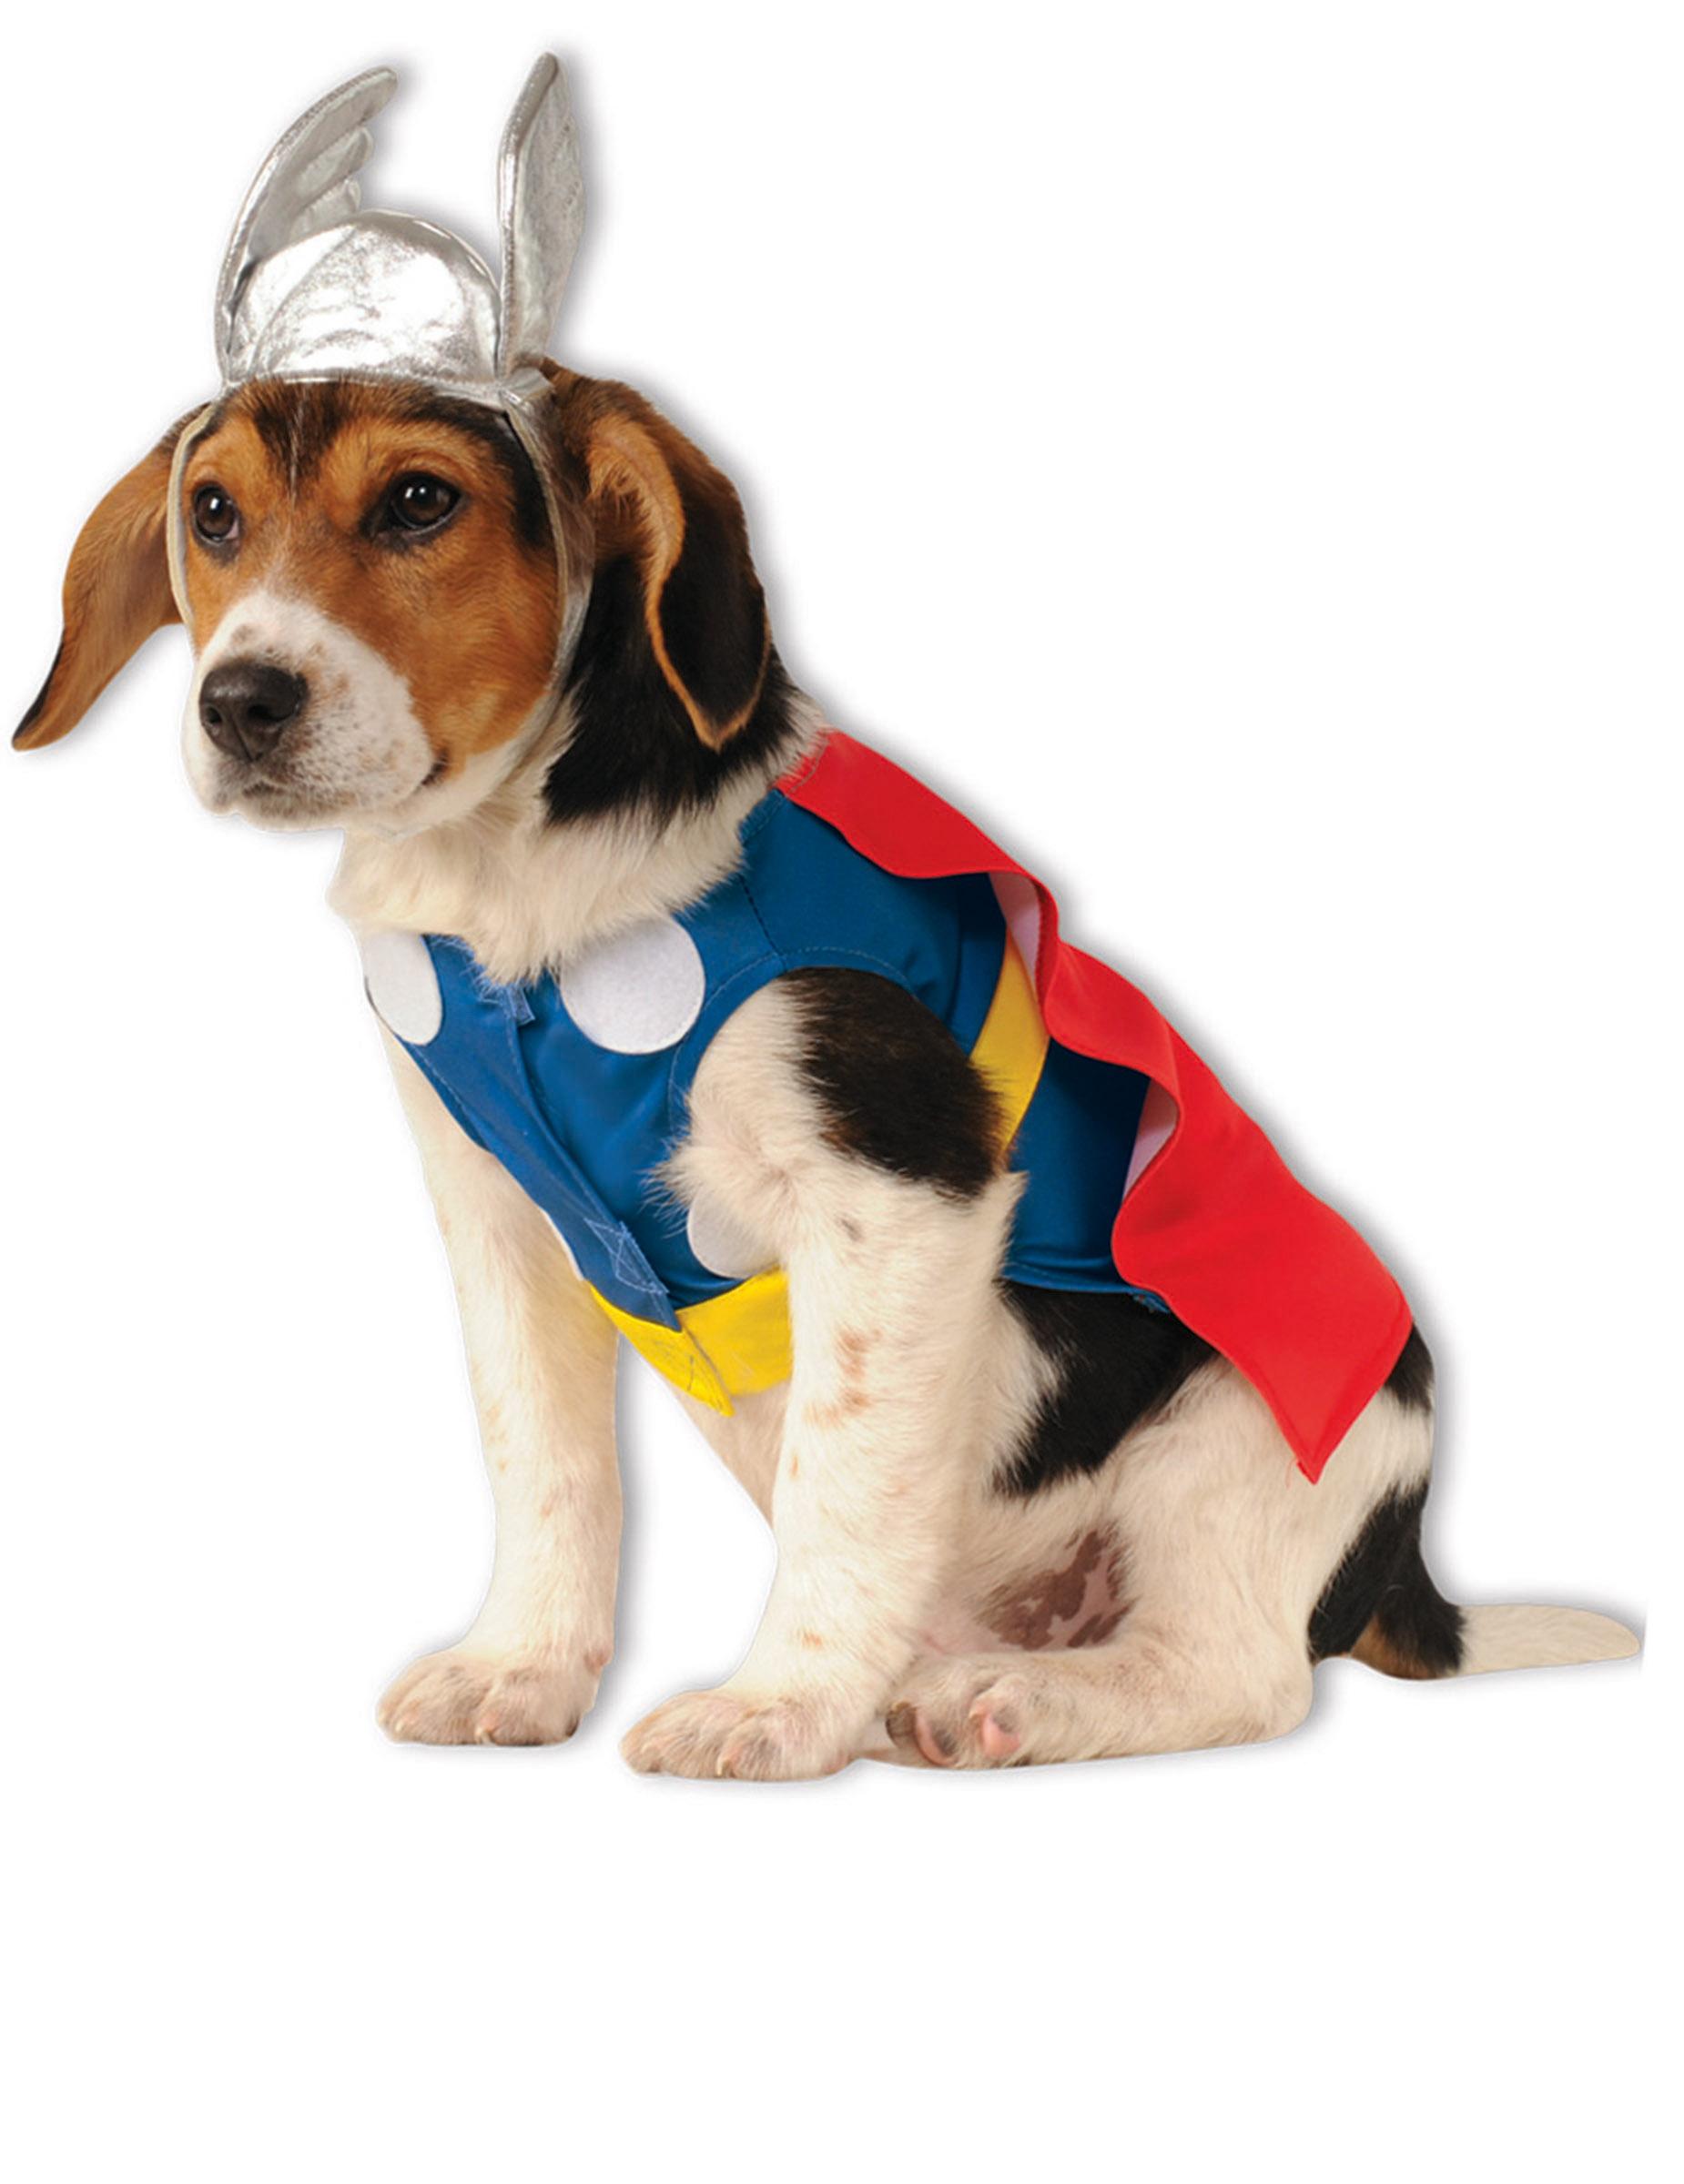 Dguisement pour chien Thor : Deguise